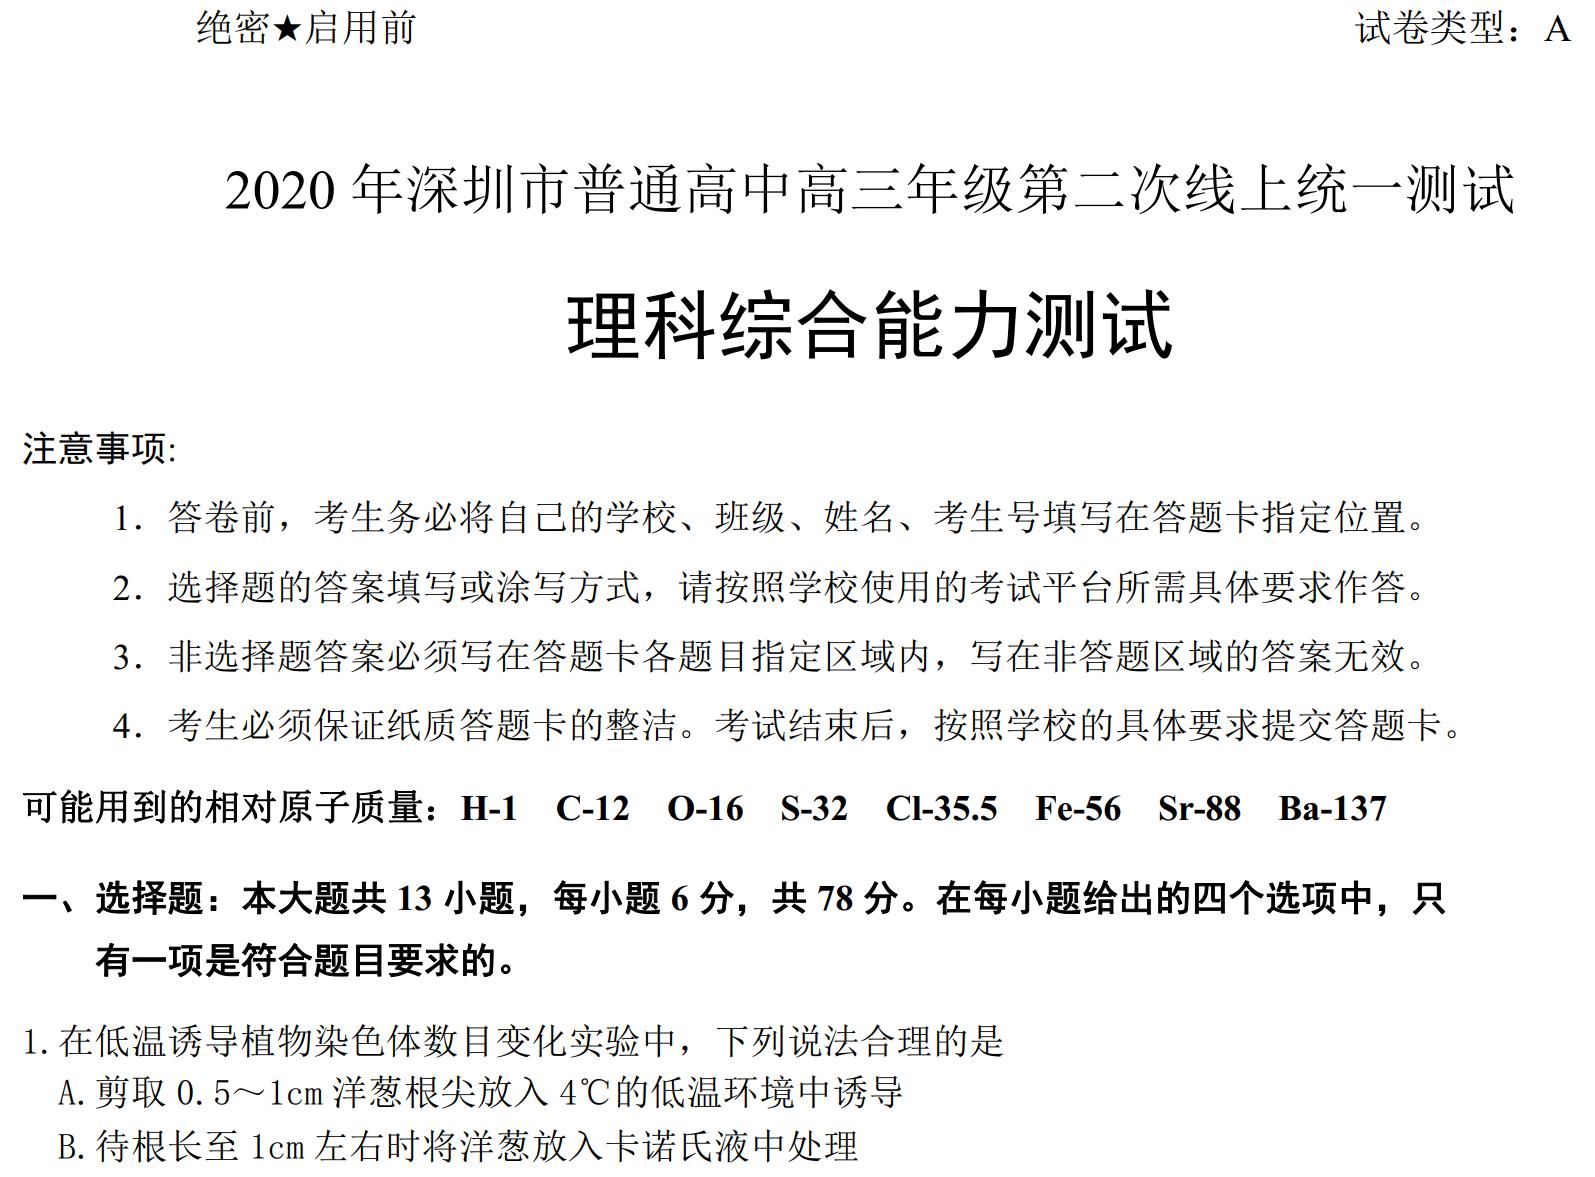 2020年深圳市普通高中高三年级第二次线上统一测试——理综试题.png